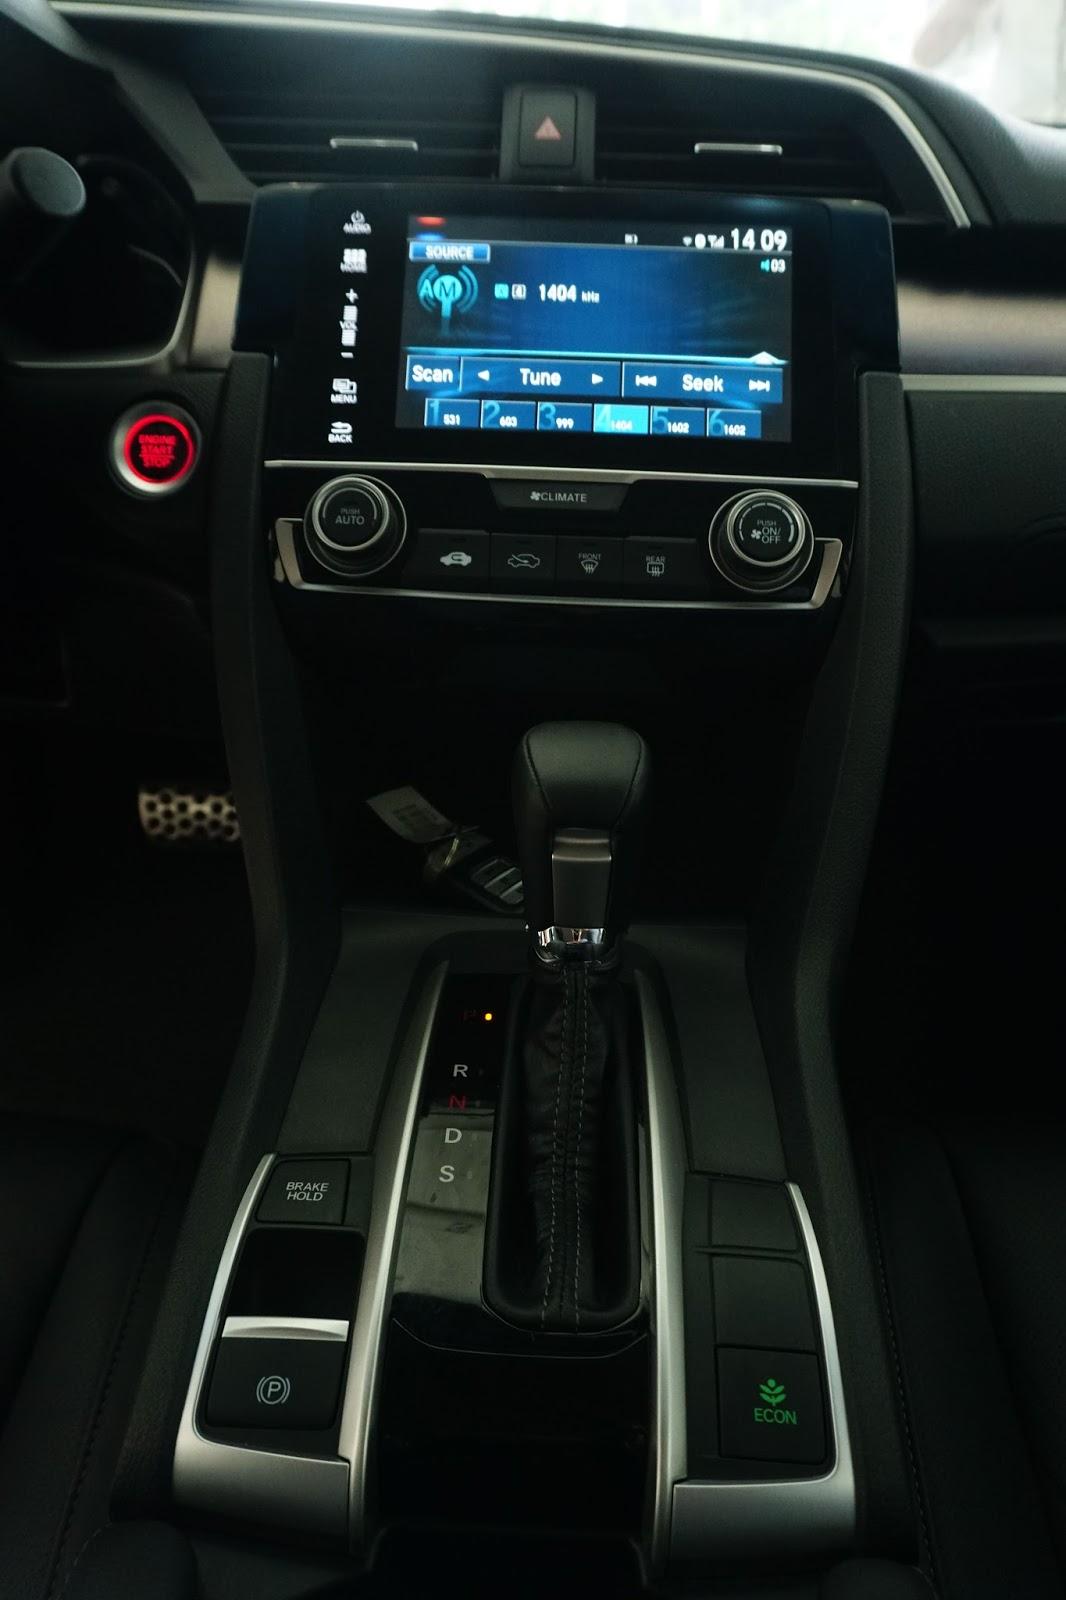 Rất nhiều tính năng an toàn, thông minh, giải trí được trang bị trên xe